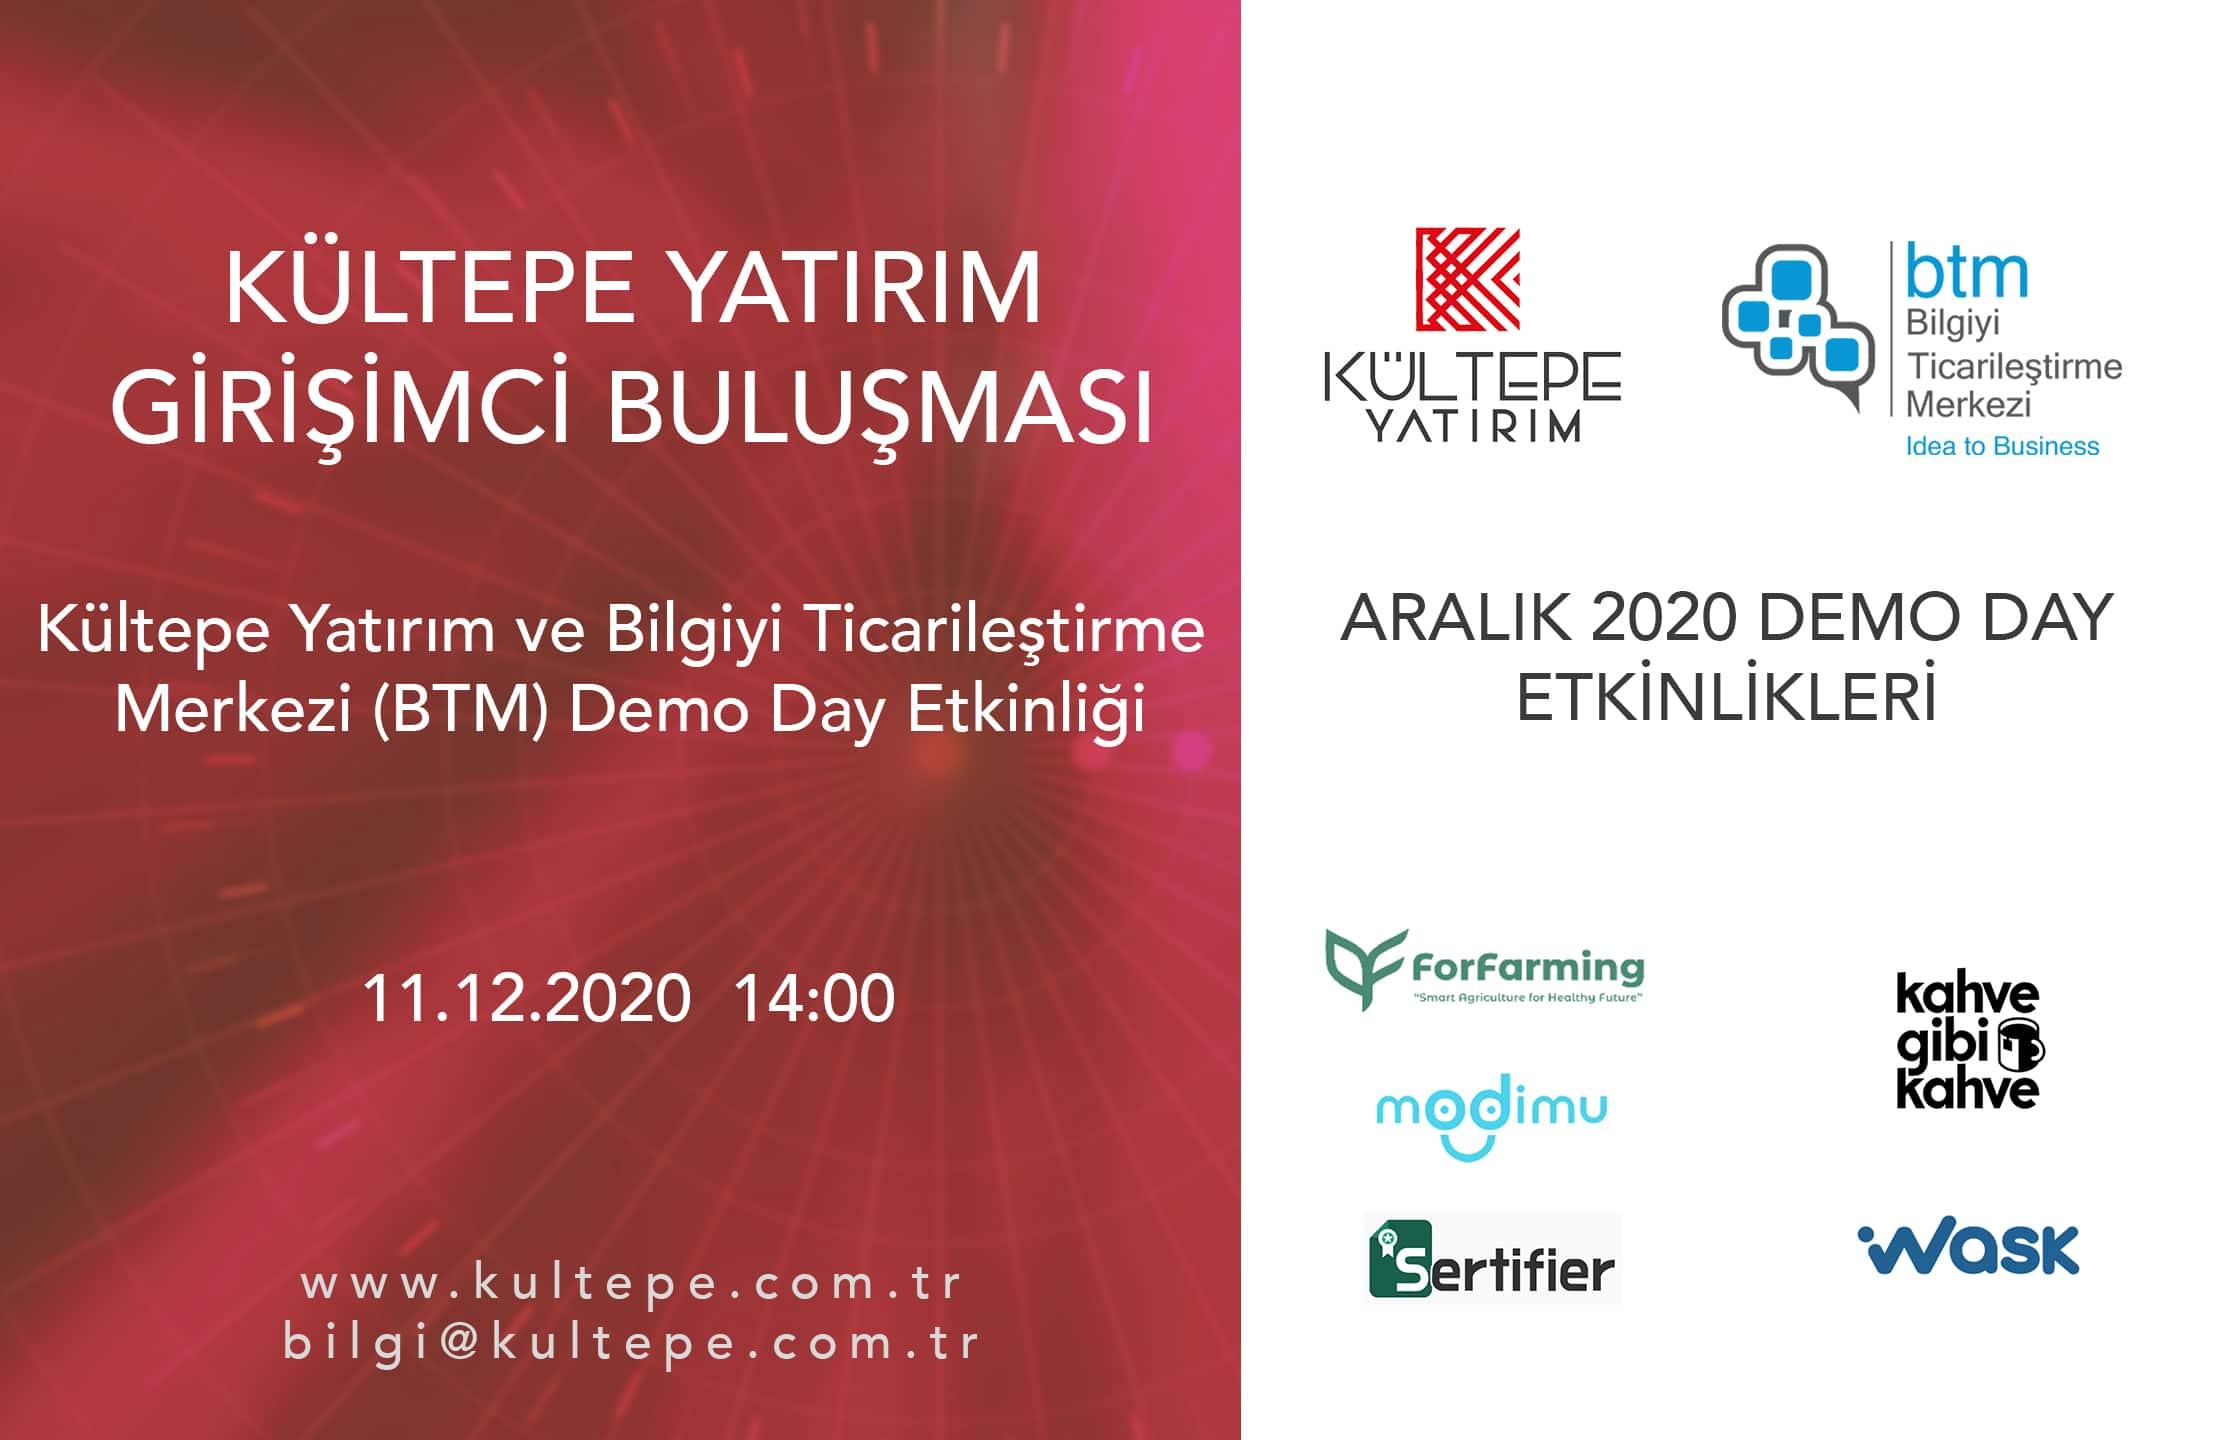 Kültepe Yatırım - BTM demo day